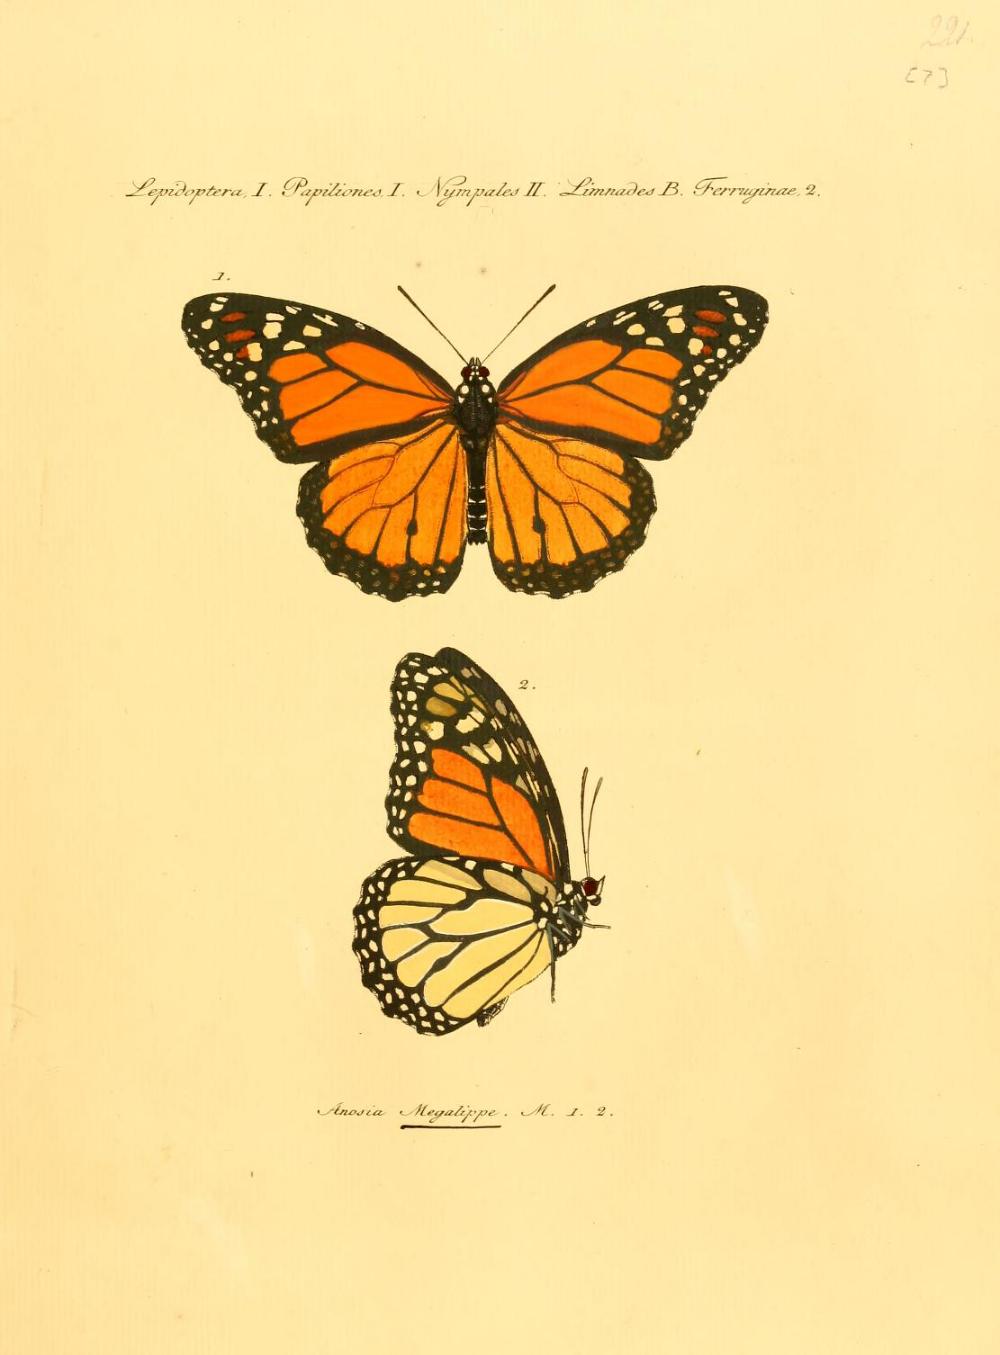 Sammlung exotischer Schmetterlinge : Hübner, Jacob, 1761-1826 : Free Download, Borrow, and Streaming : Internet Archive